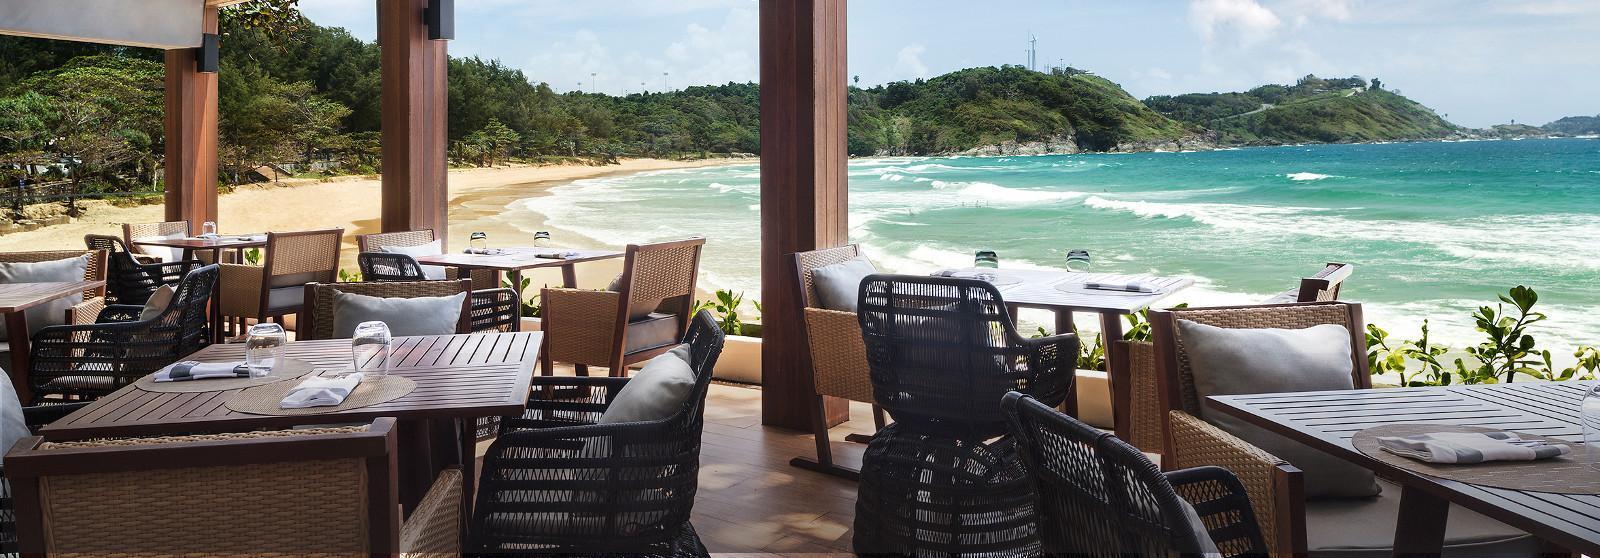 奈涵御景度假酒店(The Nai Harn)【 普吉岛,泰国】 酒店  www.lhw.cn